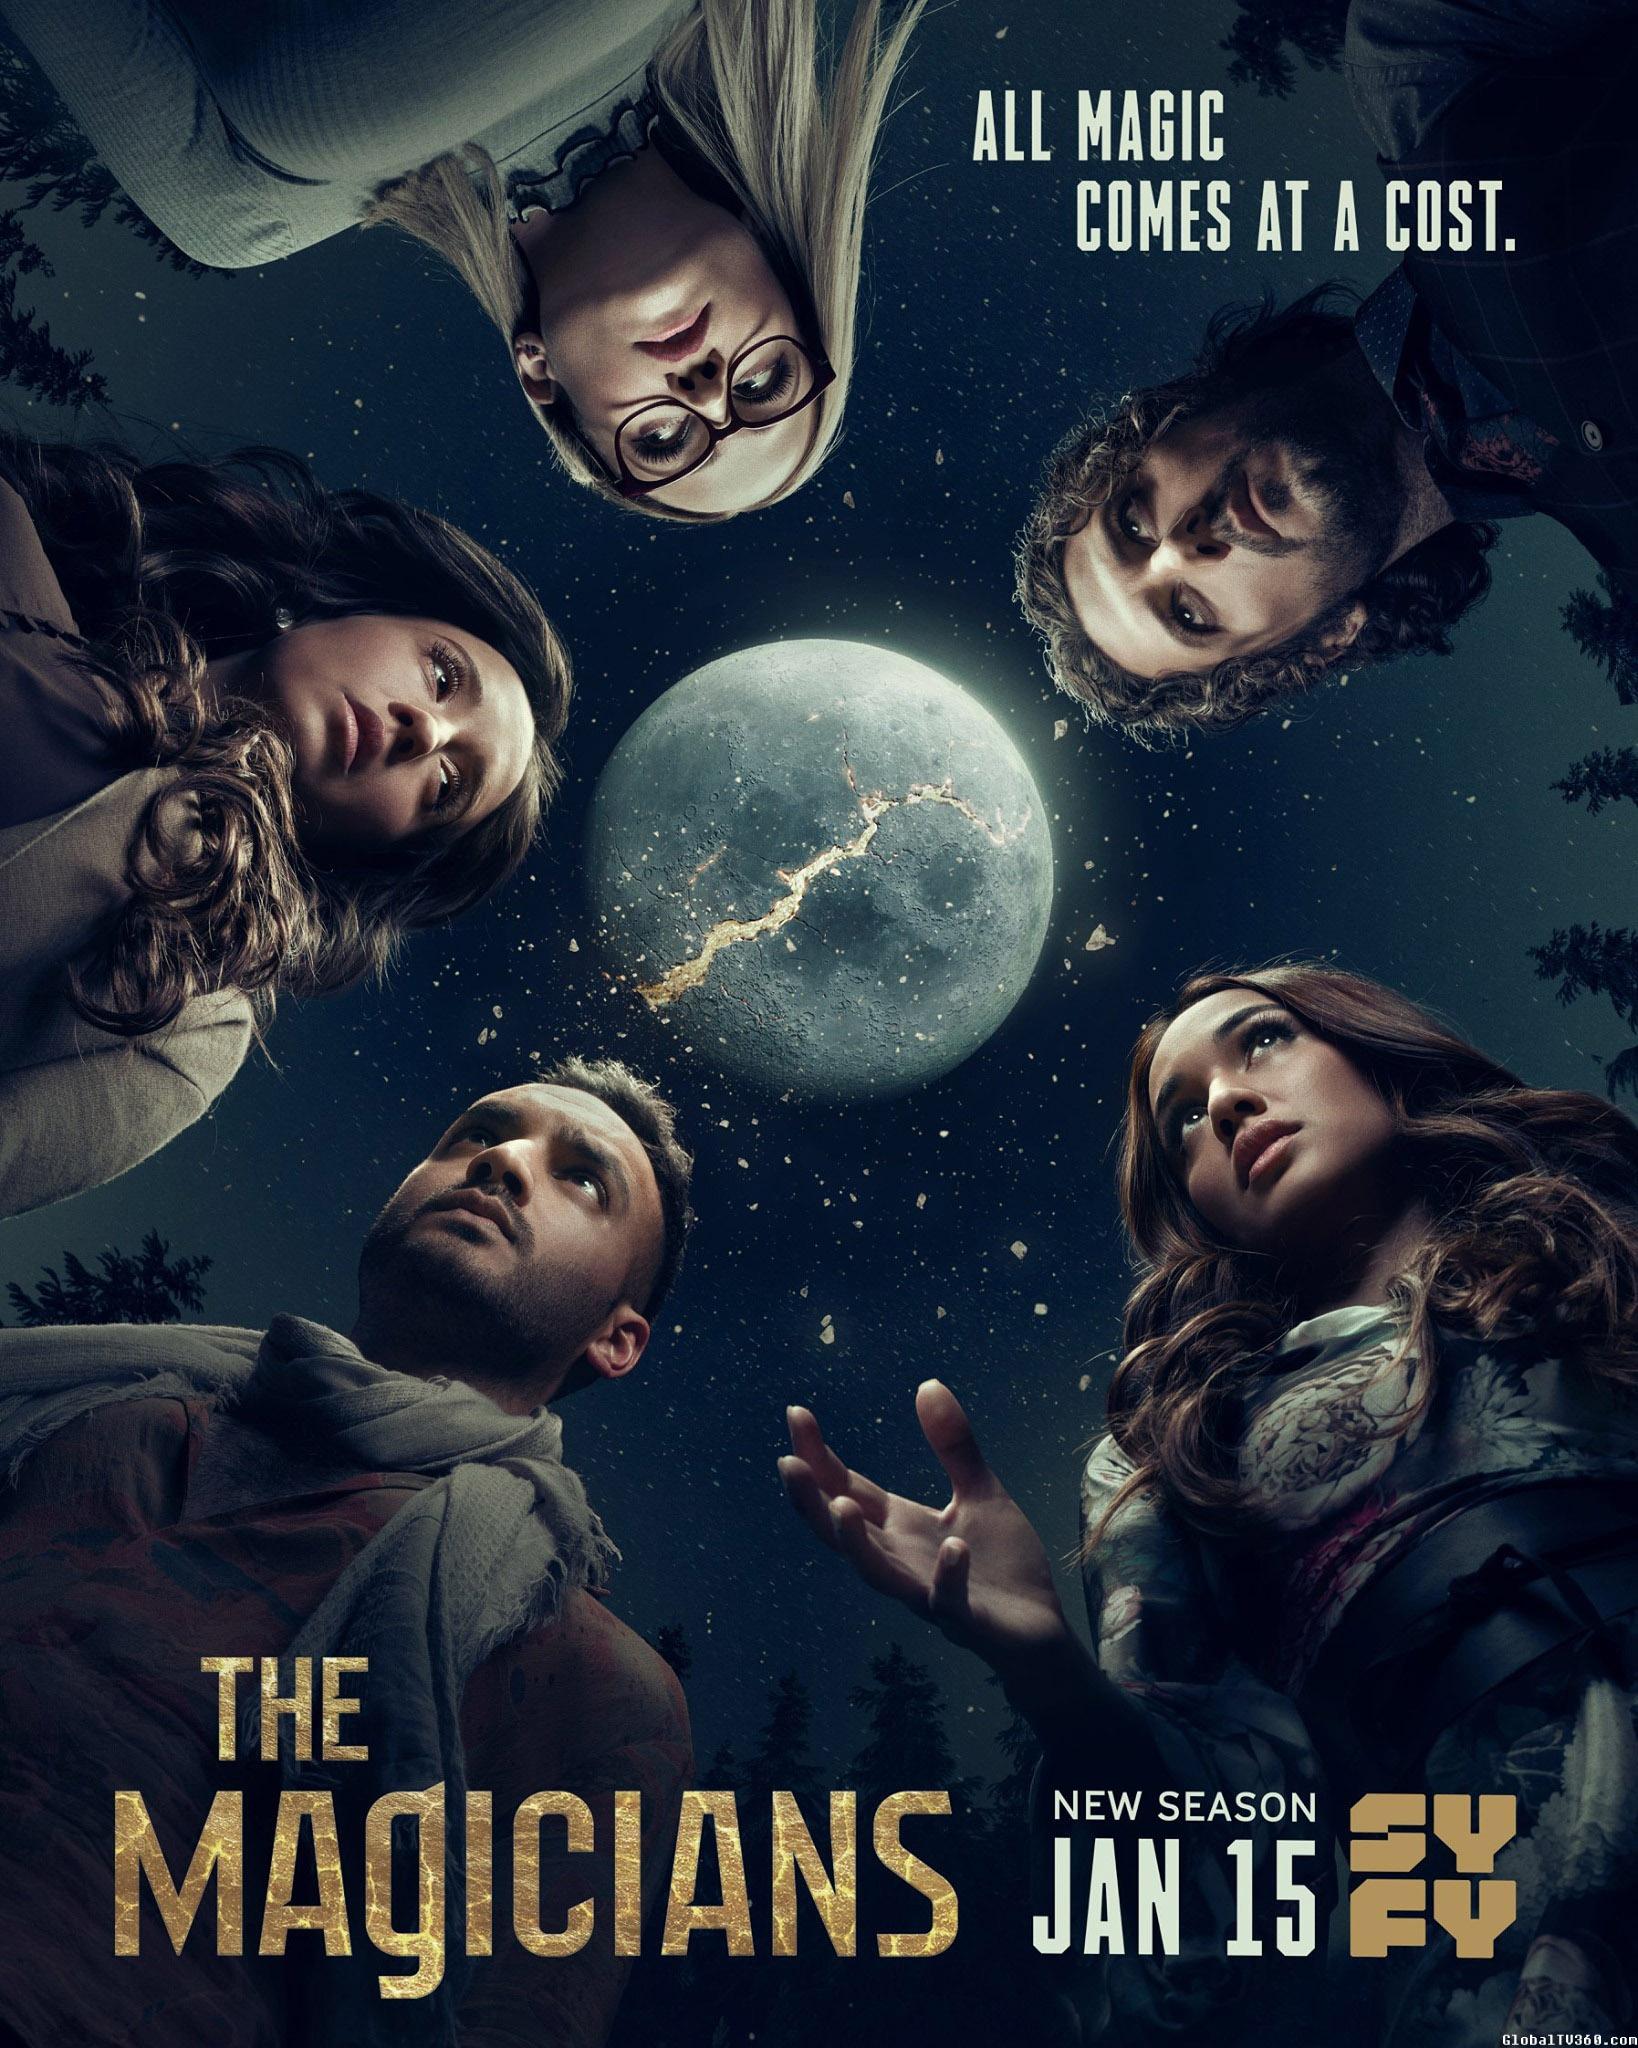 魔法学徒 The Magicians 完结季 第5季 官方海报及官方预告